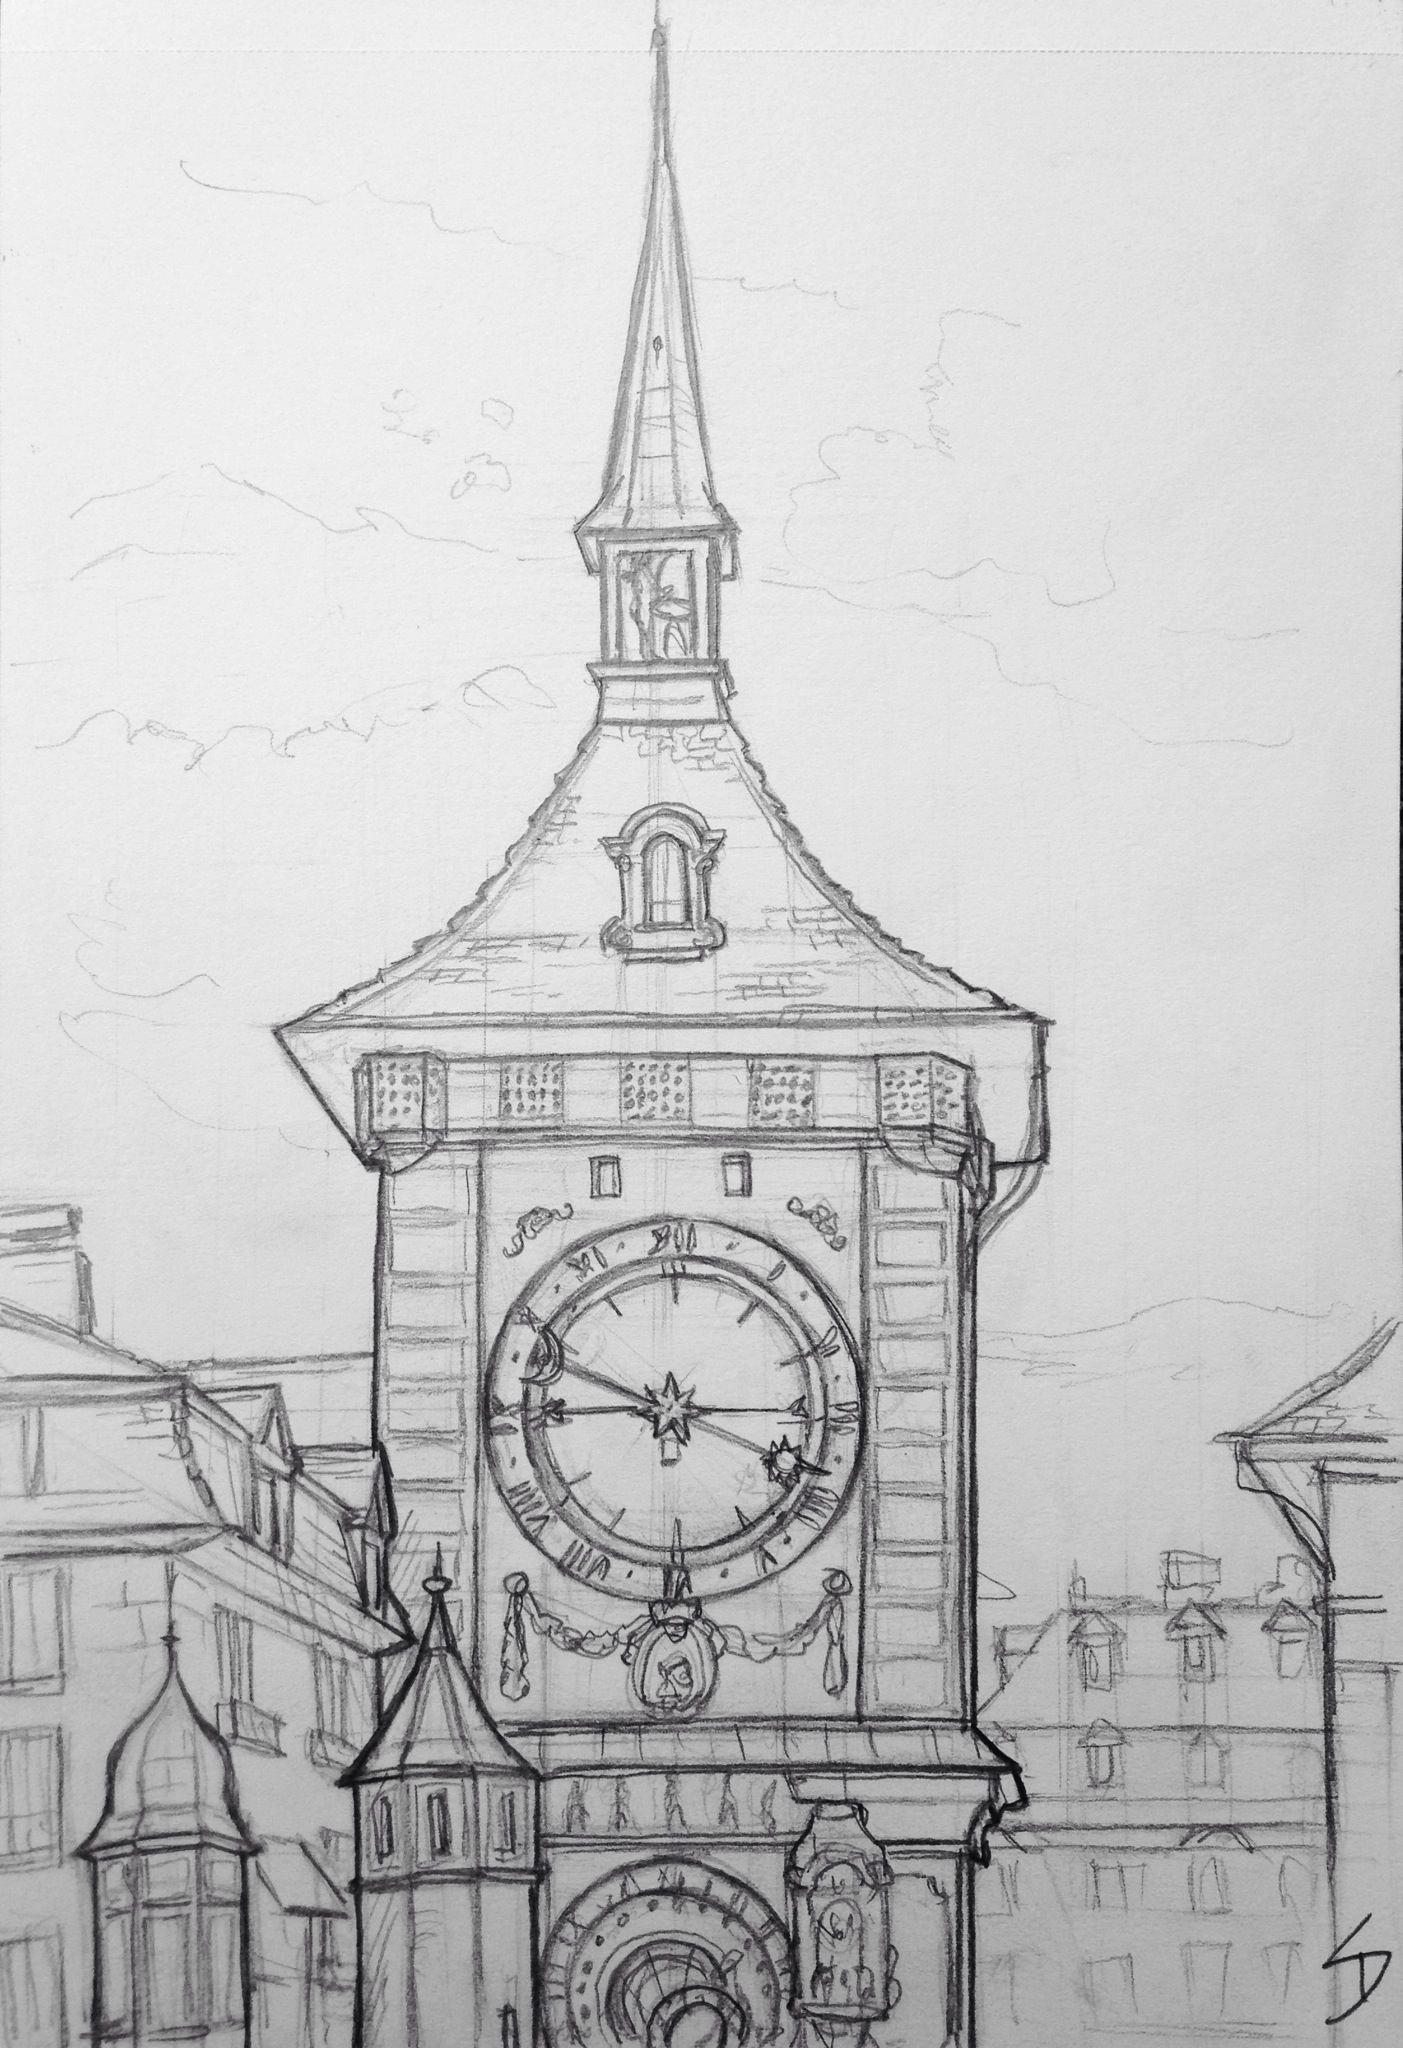 Es Una Regular Y Un Cronometro Exagerado Todavia Esta A Solo Un Par De Metros De Distancia In 2020 Architecture Drawing Sketchbooks Cool Art Drawings Clock Drawings